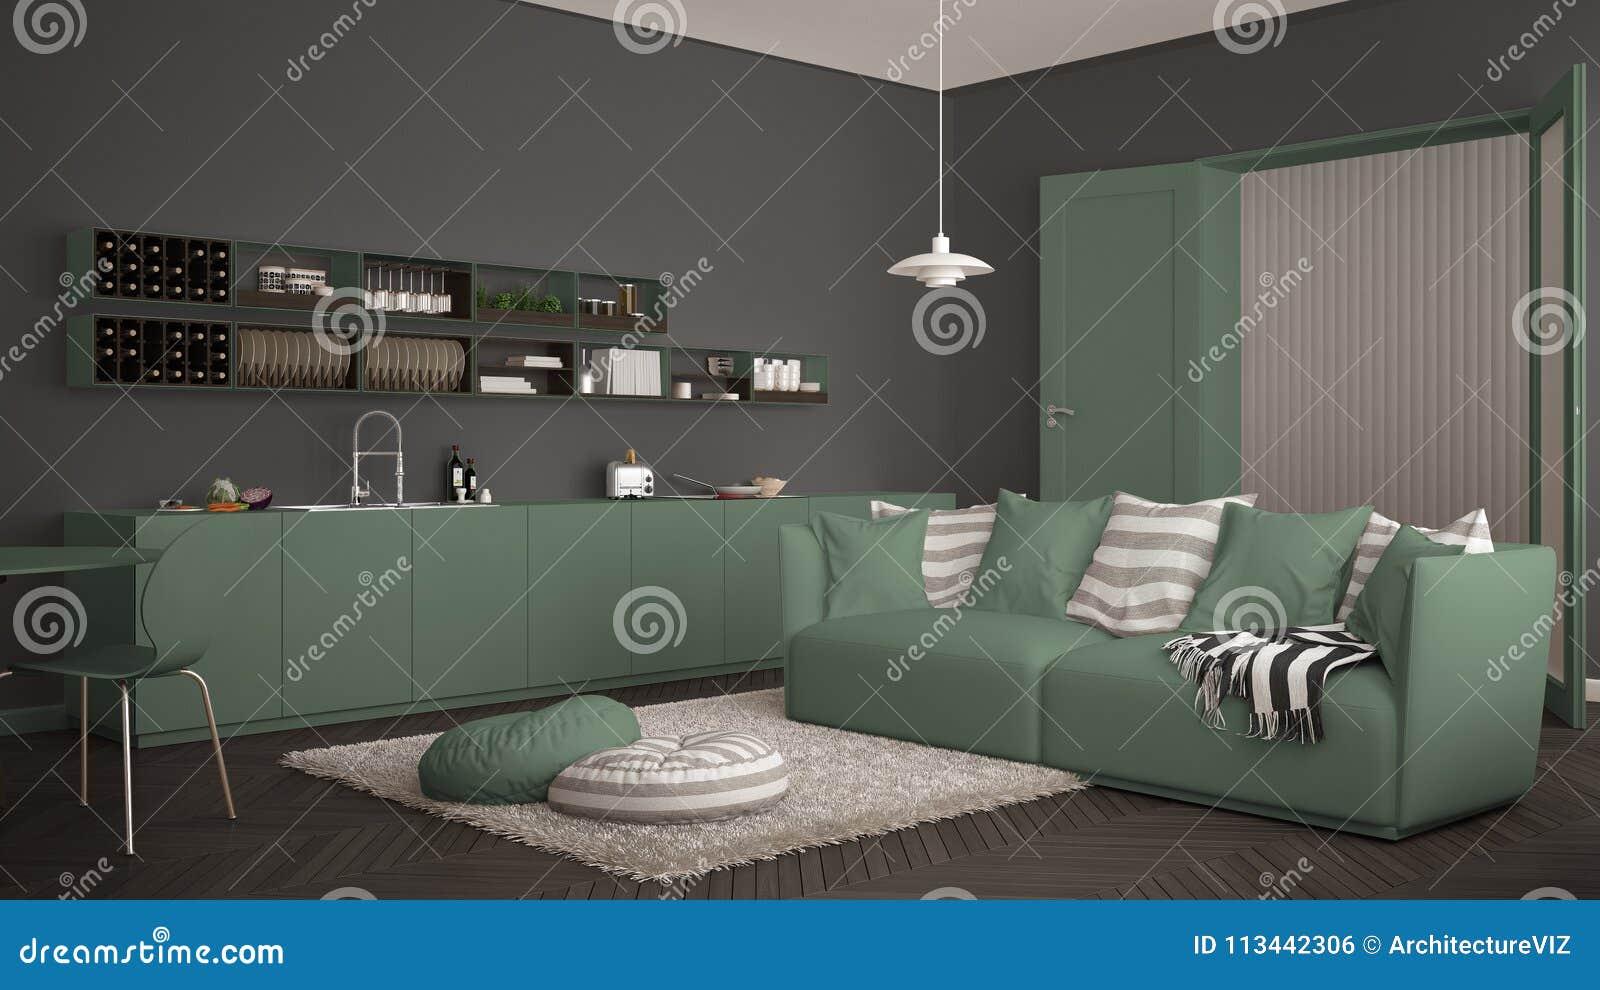 Design Eettafel Bank.Skandinavische Moderne Woonkamer Met Keuken Eettafel Bank En